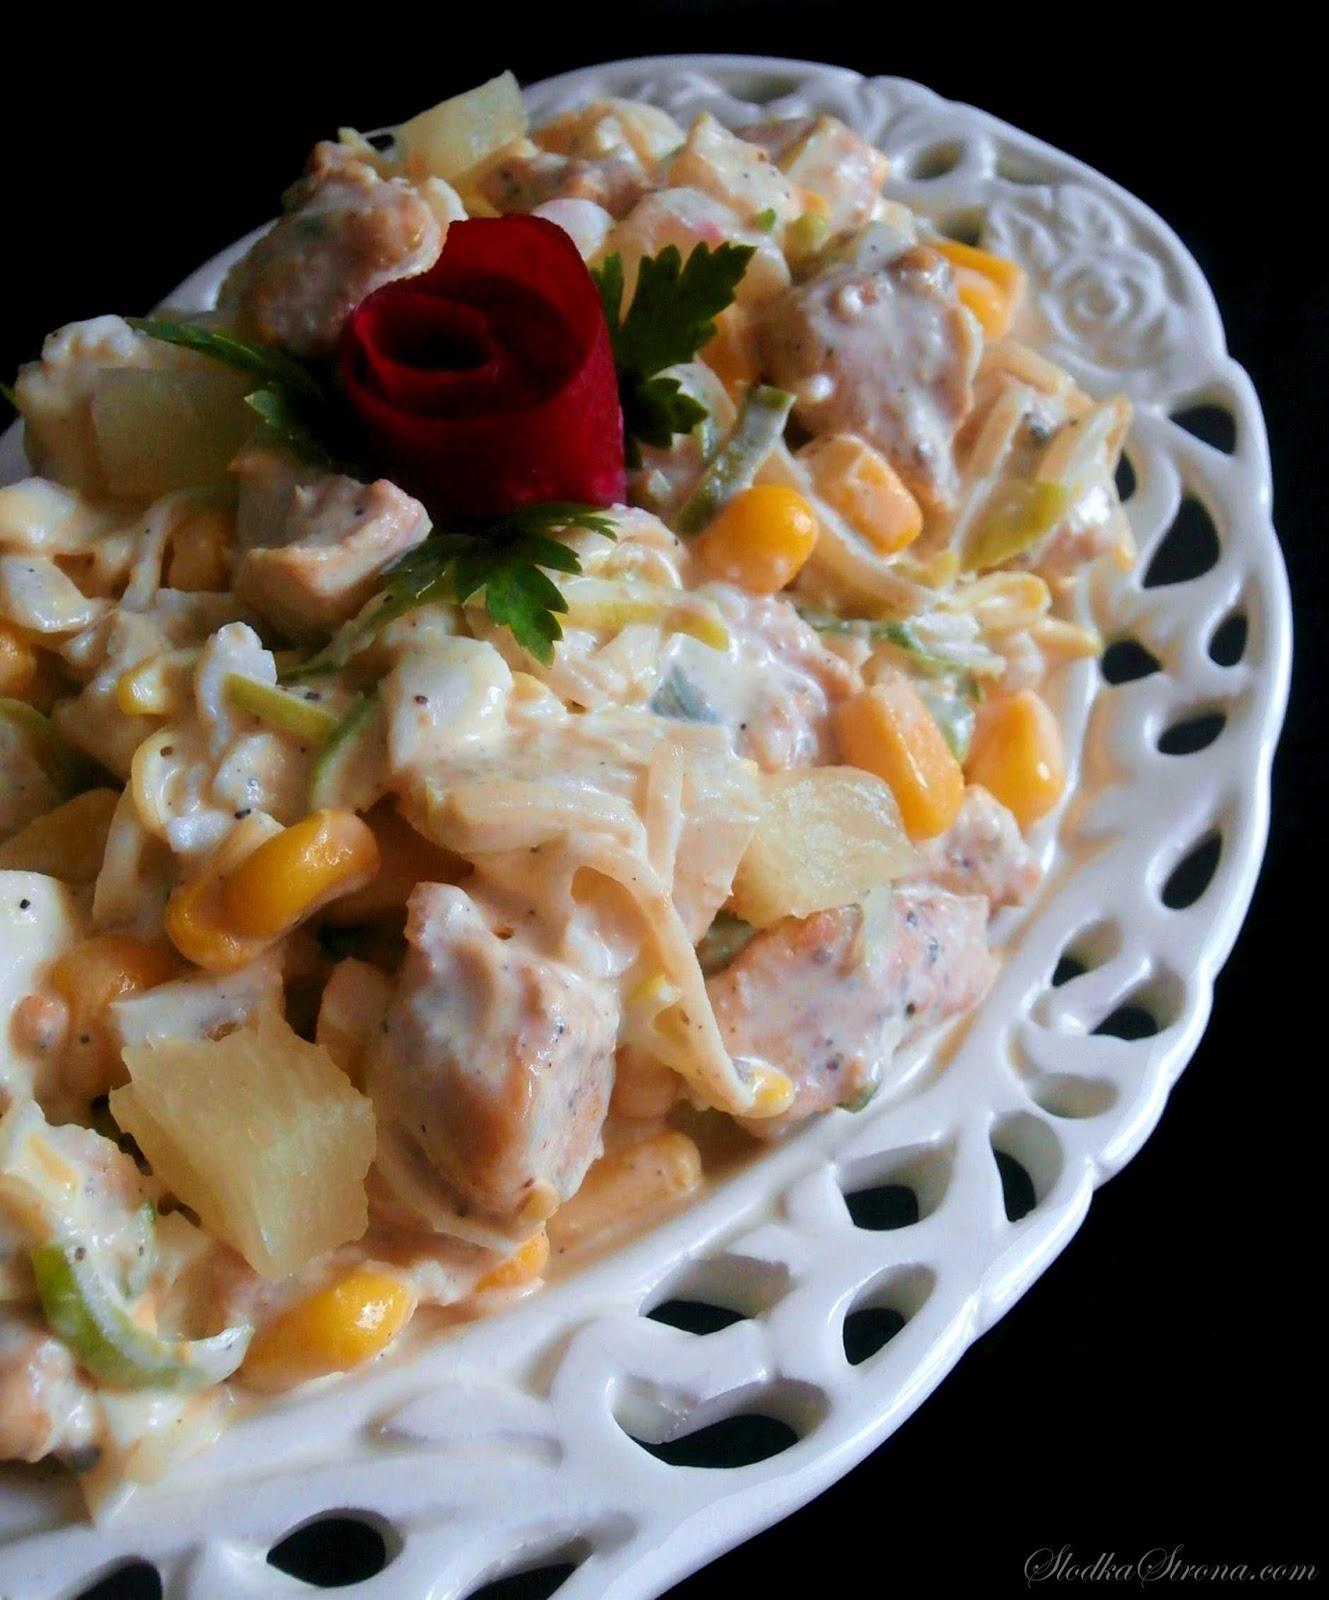 Sałatka z Kurczakiem i Ananasem - Przepis - Słodka Strona